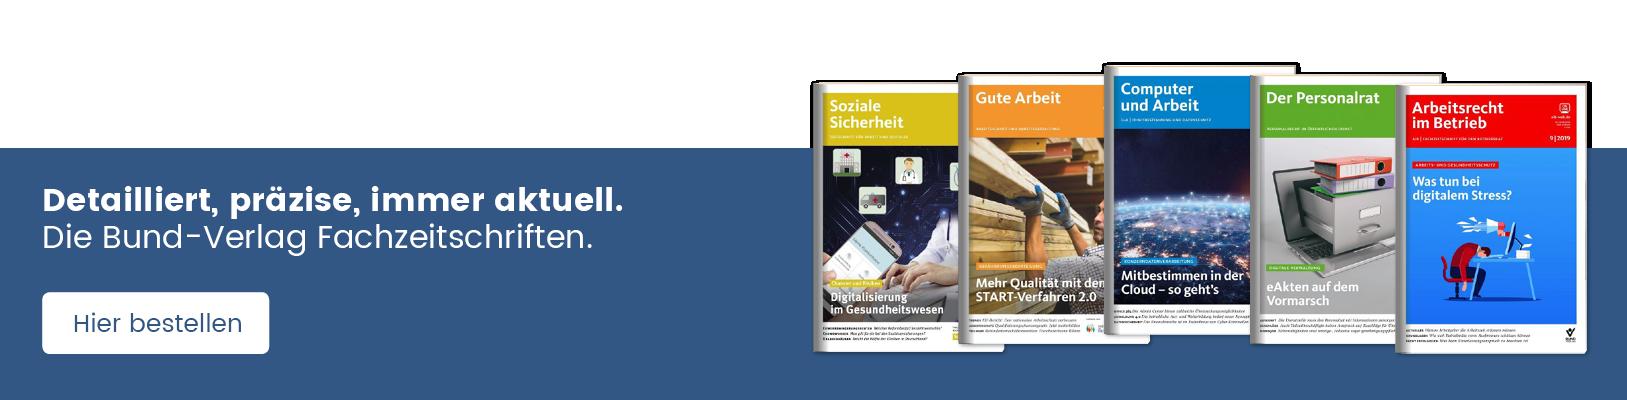 Cover-Abbildungen und Hier bestellen Button der Bund-Verlag Fachzeitschriften